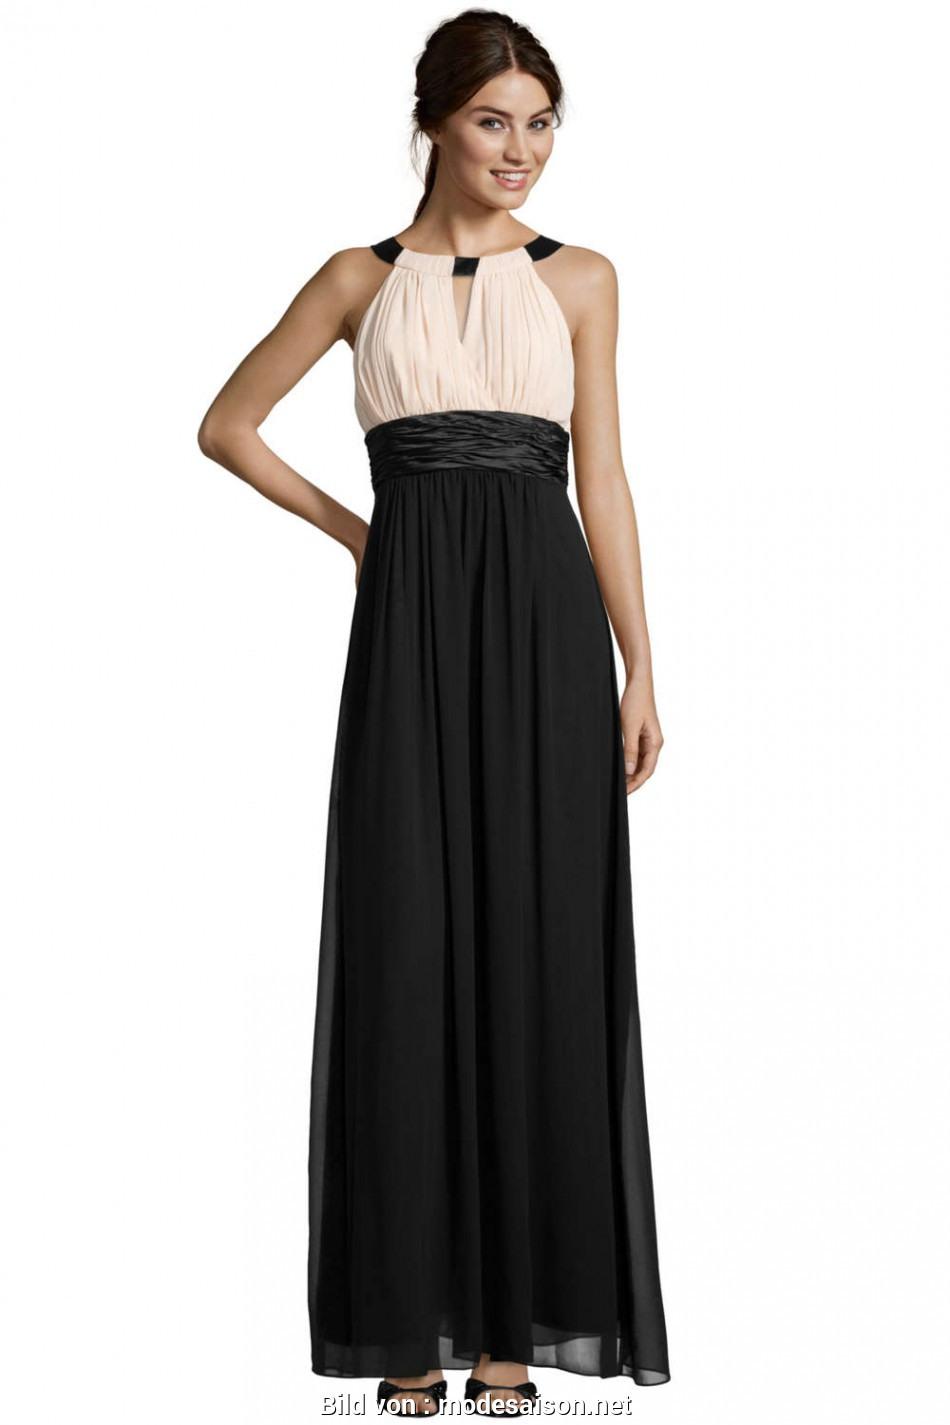 Formal Schön Abendkleid Von Zara GalerieAbend Luxurius Abendkleid Von Zara Boutique